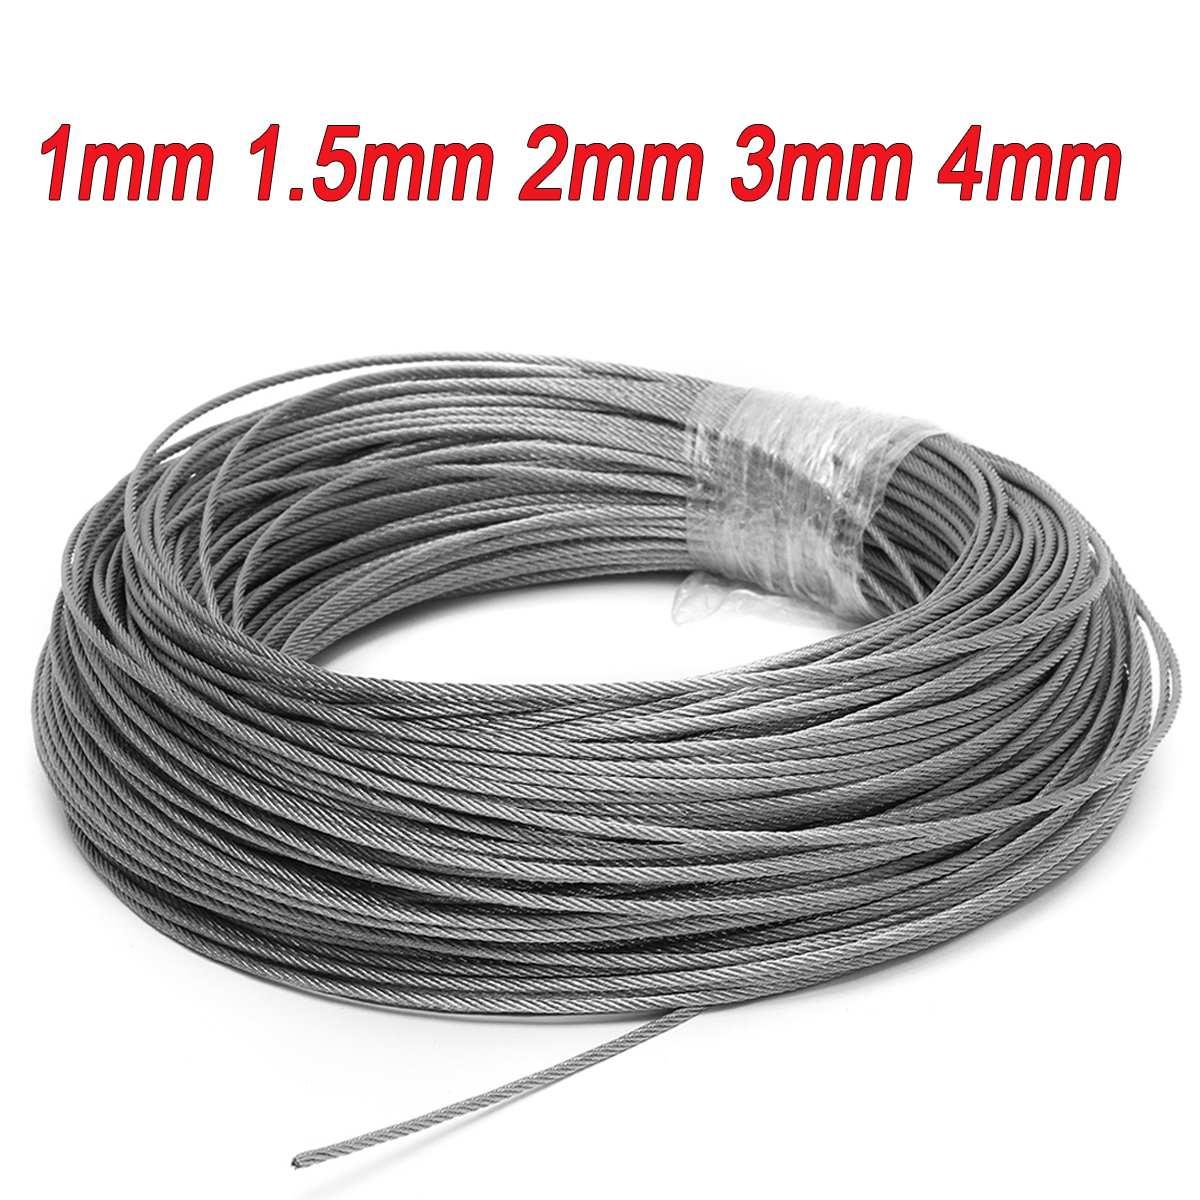 50 M/100 M 1 มม.1.5 มม.2 มม.304 สแตนเลสสตีลเชือกตกปลายกสายเคเบิล line Clothesline โครงสร้าง 7X7 1/1 5/2 มม.